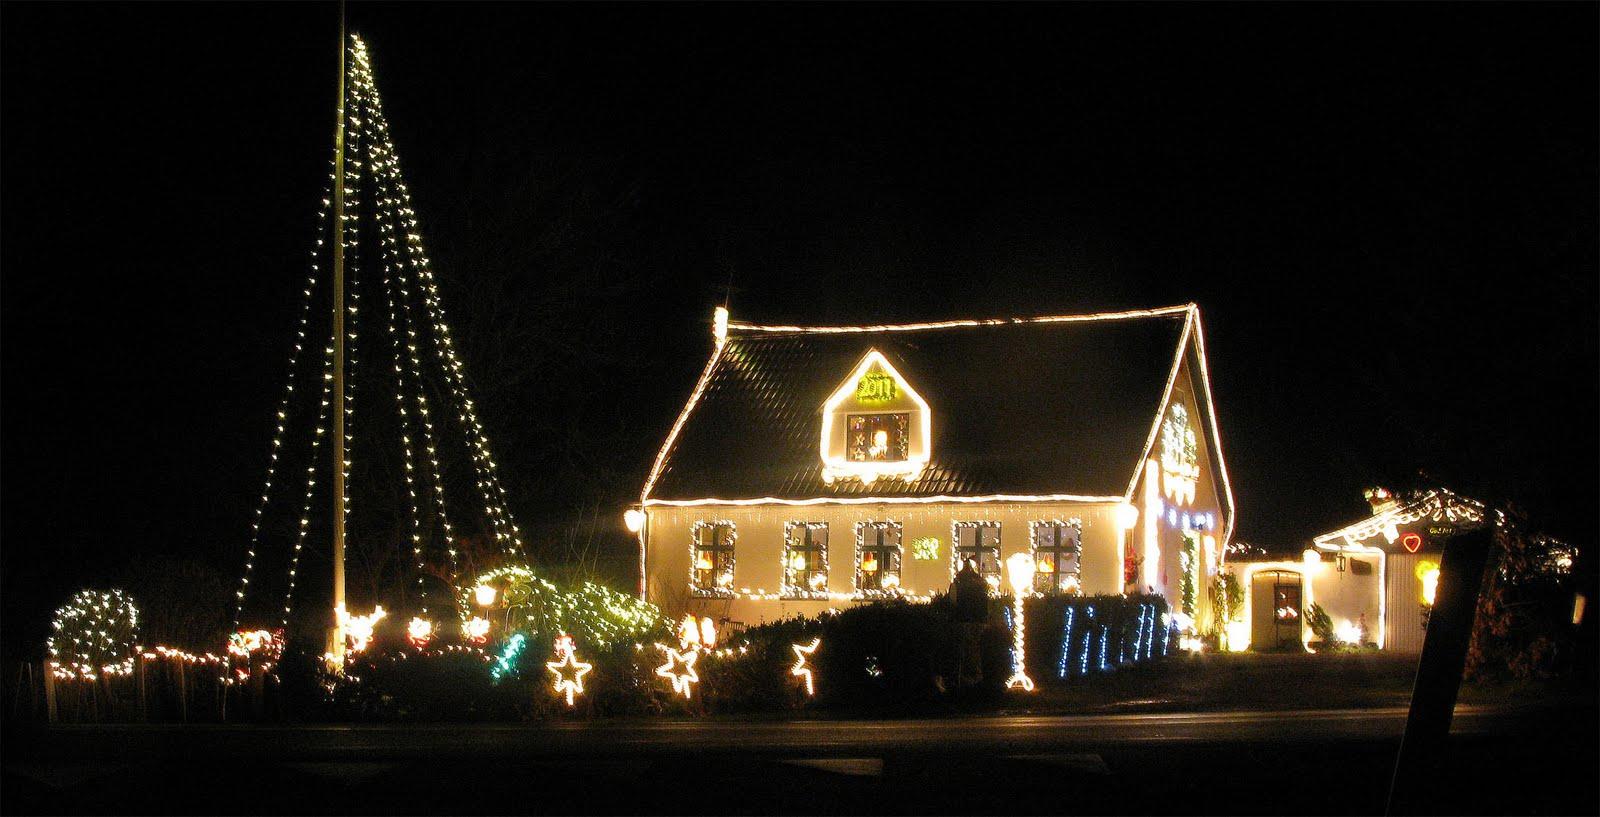 udendørs julelys